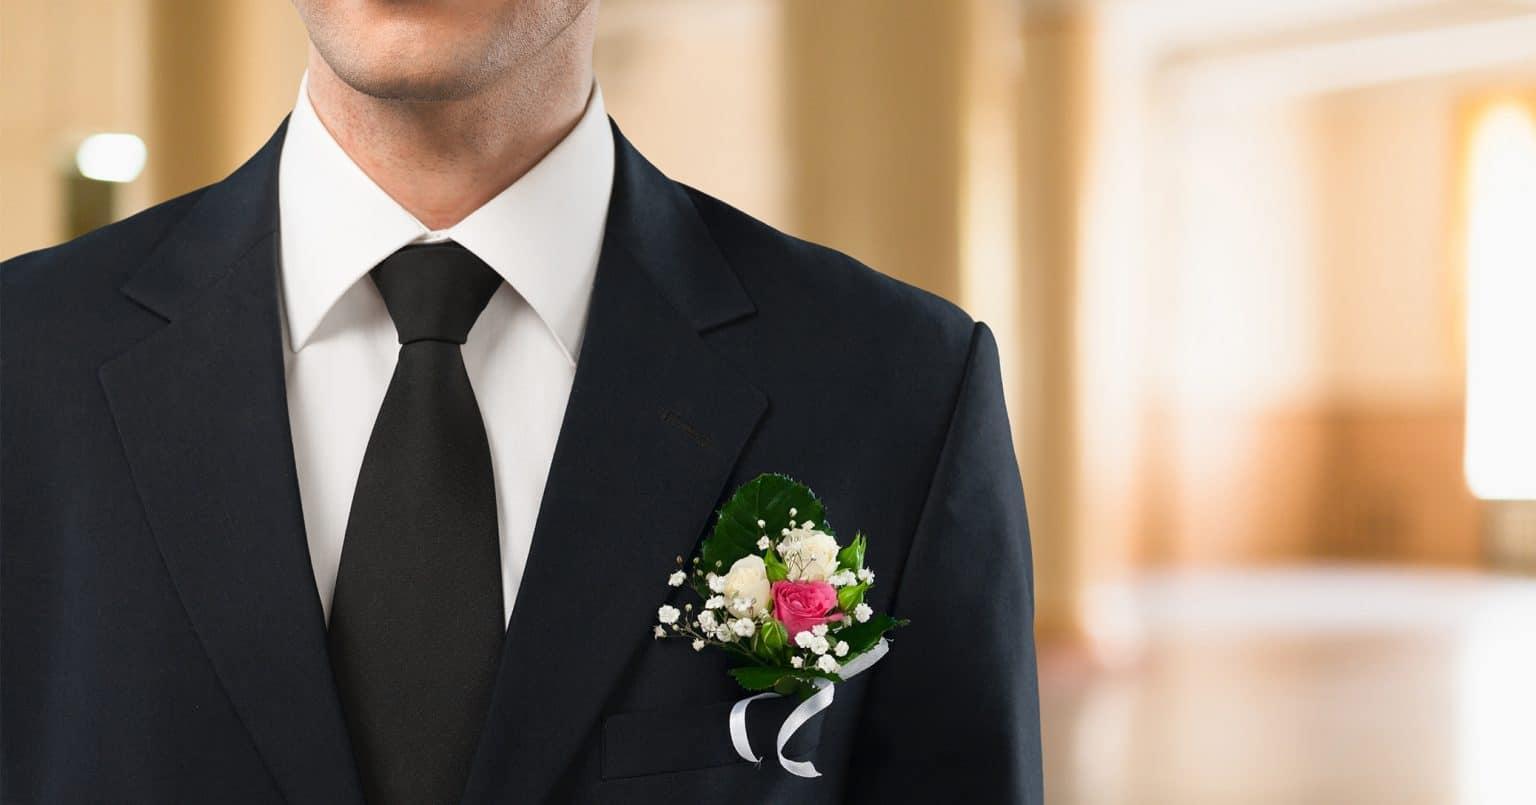 Comment faire pour devenir maître de cérémonie dans le funéraire?